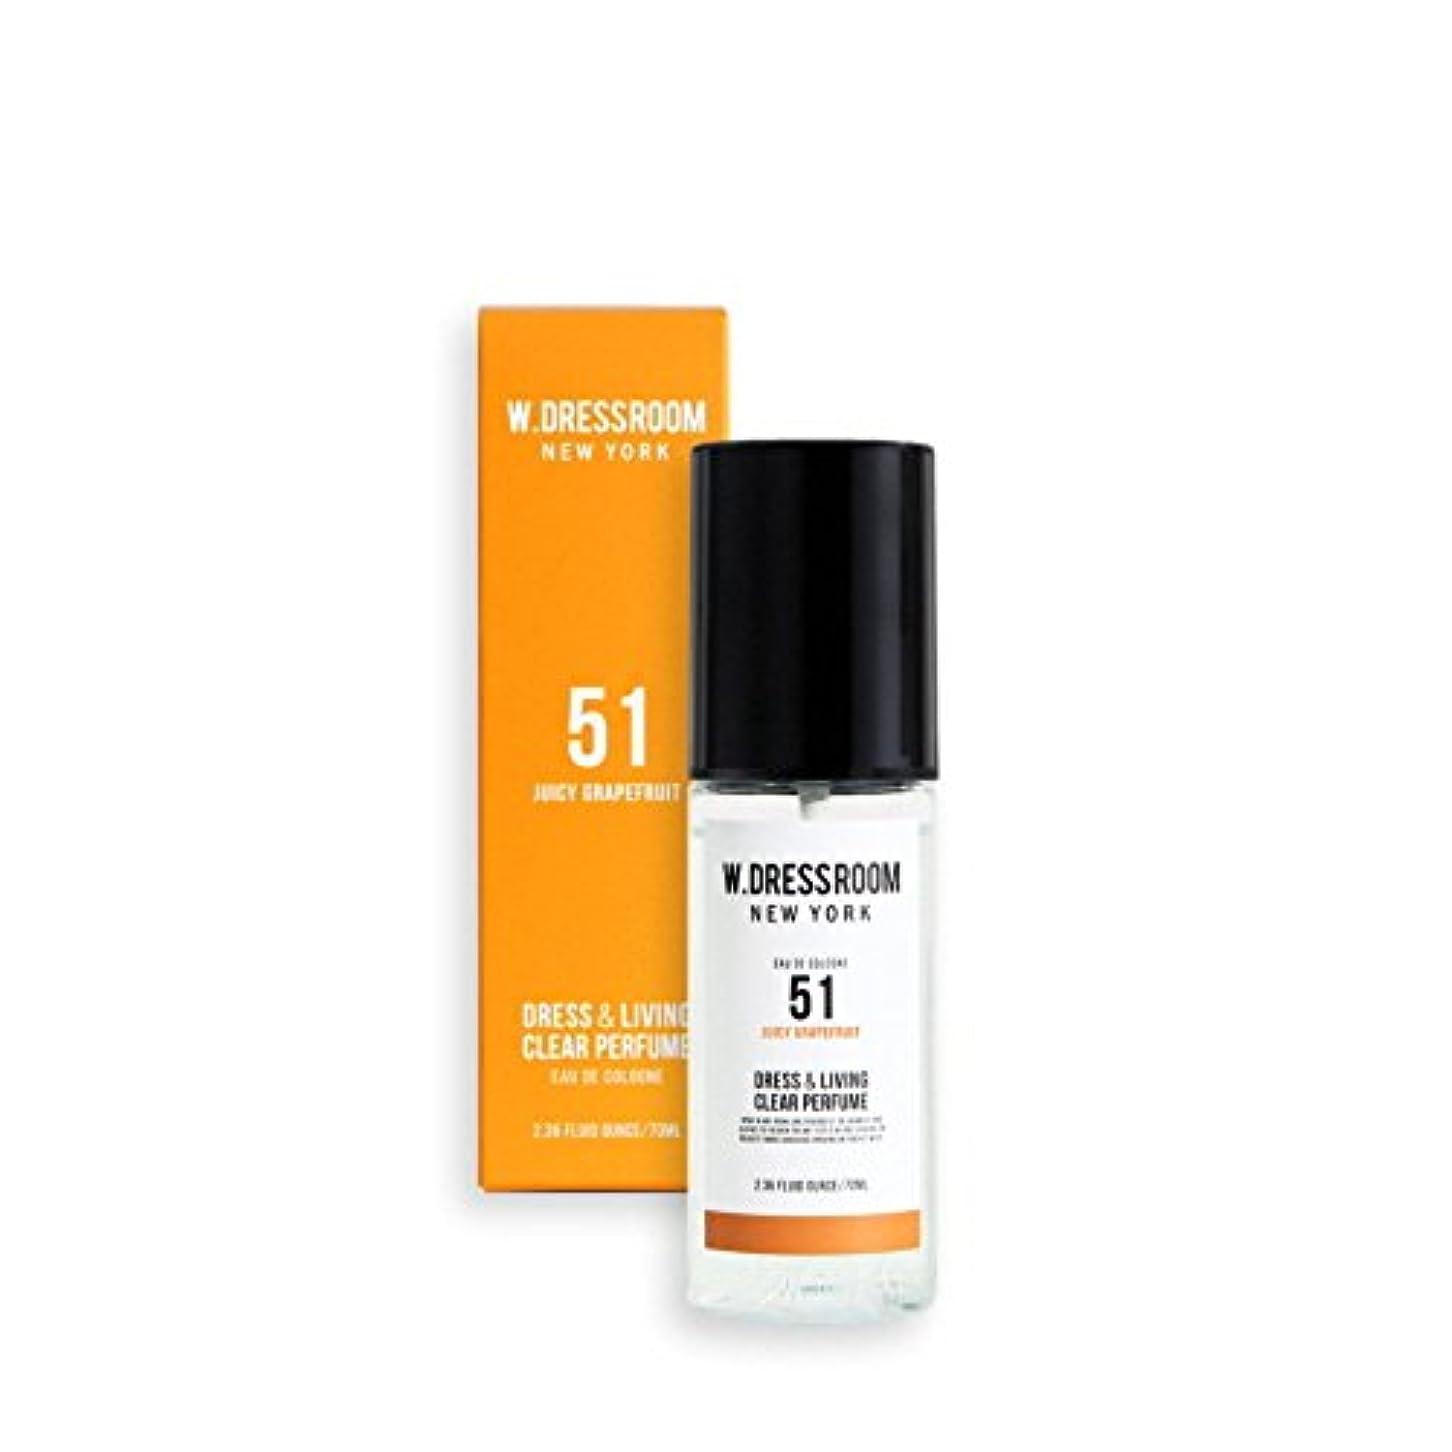 活性化する補充ペイントW.DRESSROOM Dress & Living Clear Perfume fragrance 70ml (#No.51 Juicy Grapefruit)/ダブルドレスルーム ドレス&リビング クリア パフューム...